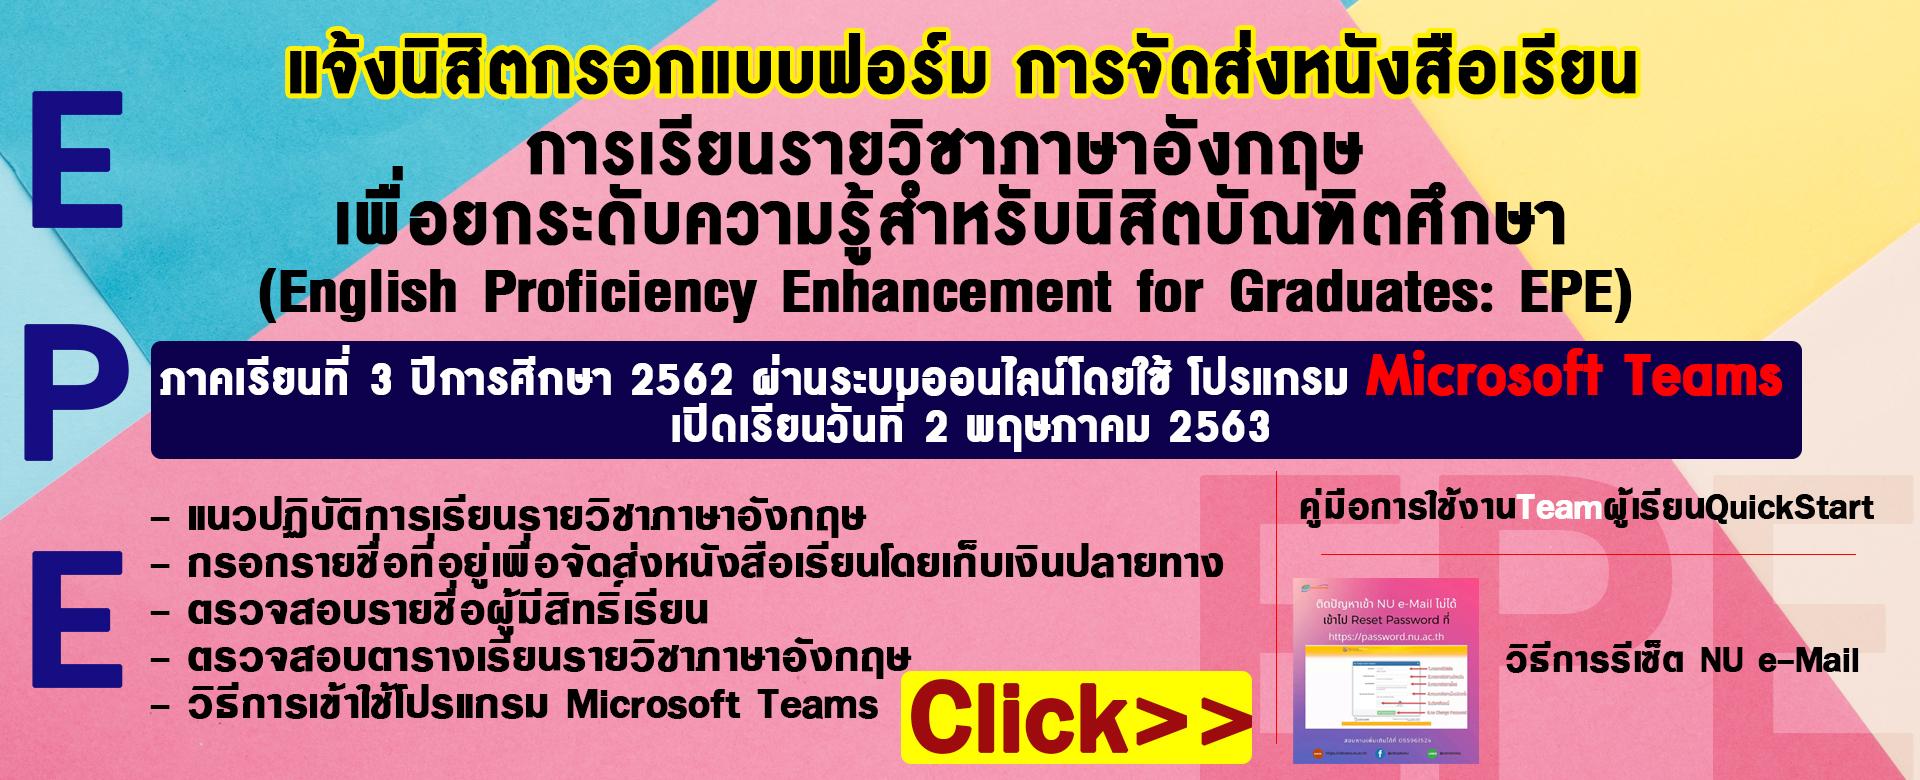 การเรียนรายวิชาภาษาอังกฤษเพื่อยกระดับความรู้สำหรับนิสิตบัณฑิตศึกษา (EPE)